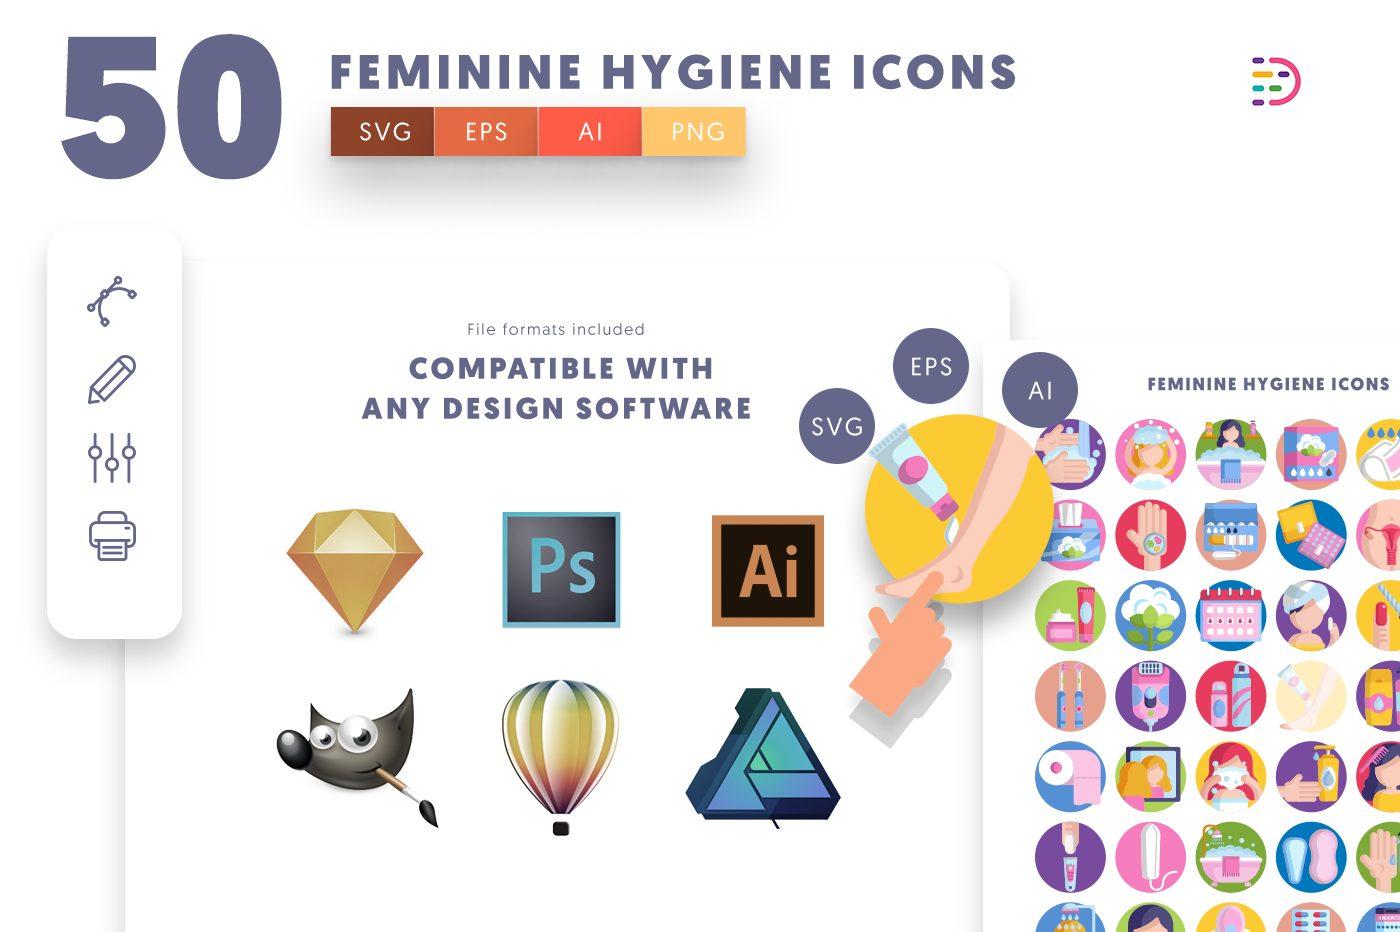 full vector 50 Feminine Hygiene Icons EPS, SVG, PNG